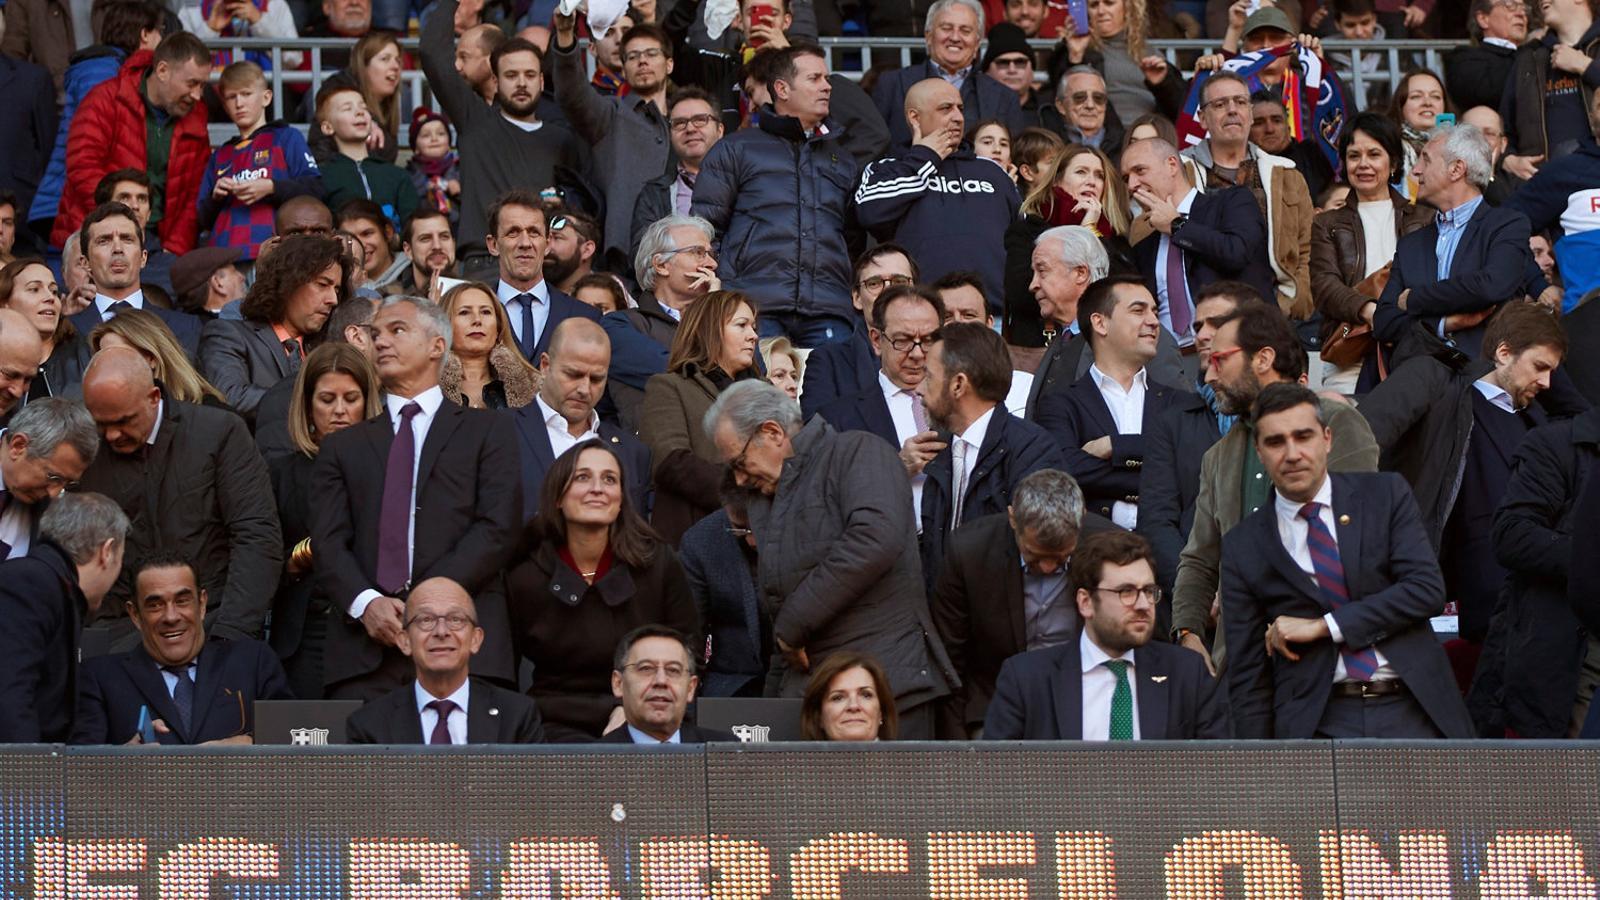 La tribuna del Camp Nou  amb la presència de la directiva blaugrana durant la jornada 25 de la Lliga Santander.